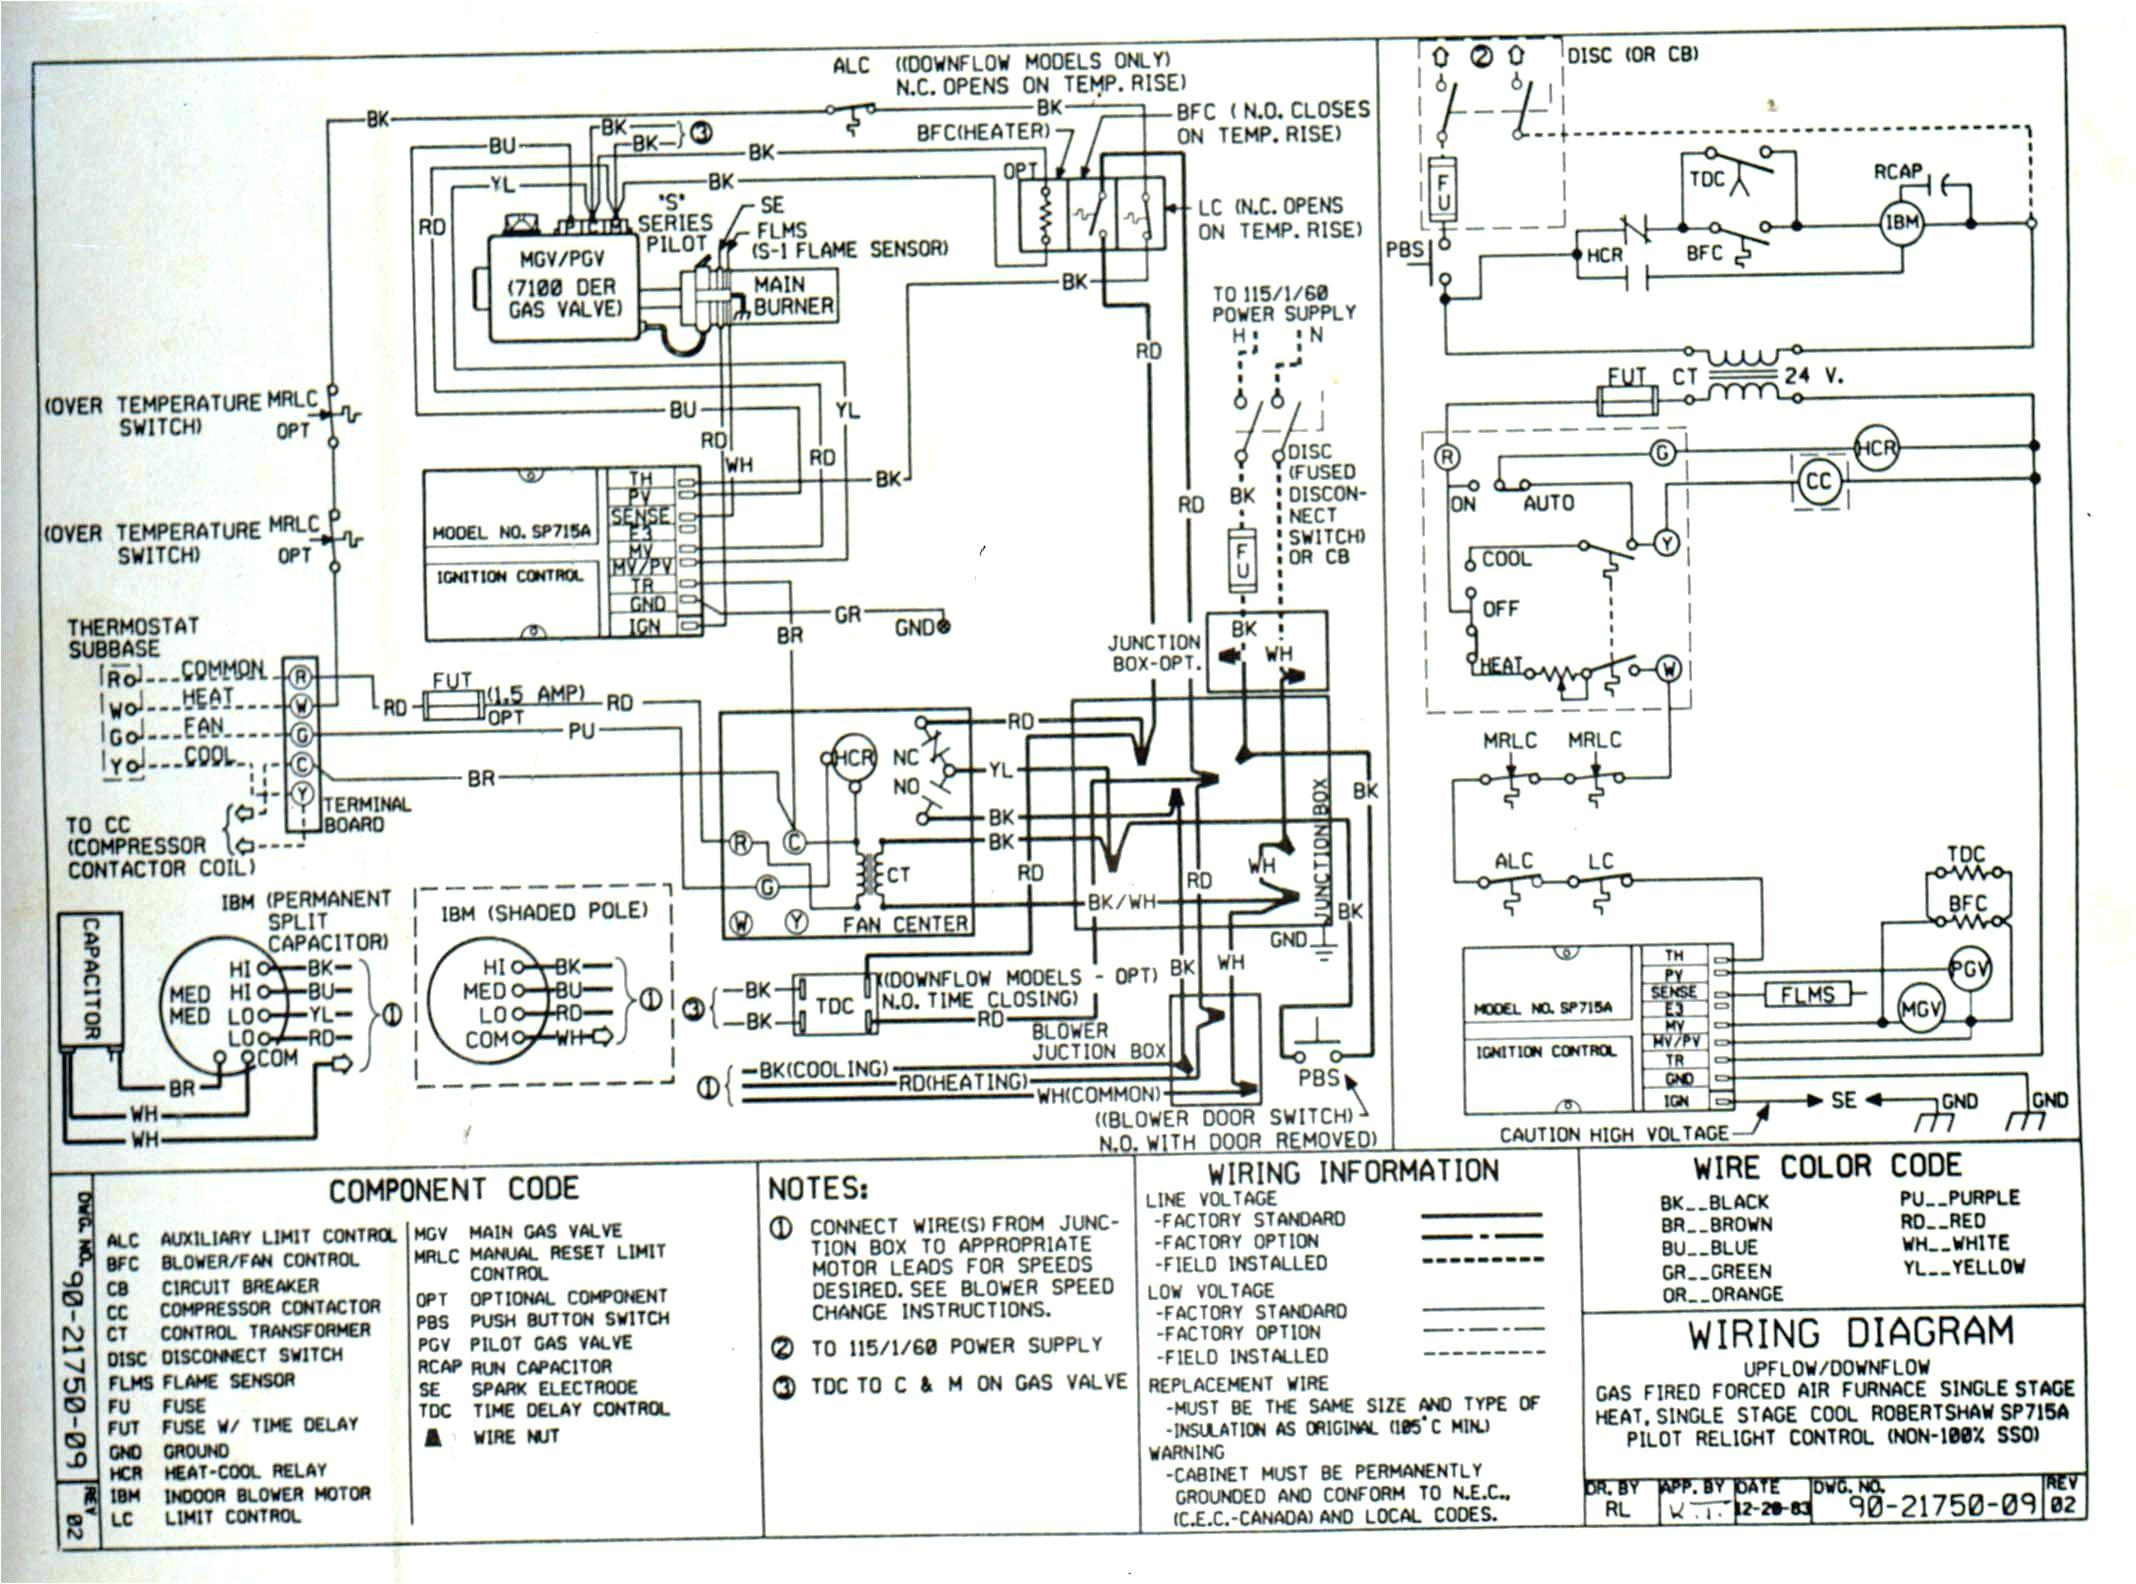 trane wiring diagrams wiring diagram more trane tcd wiring diagrams